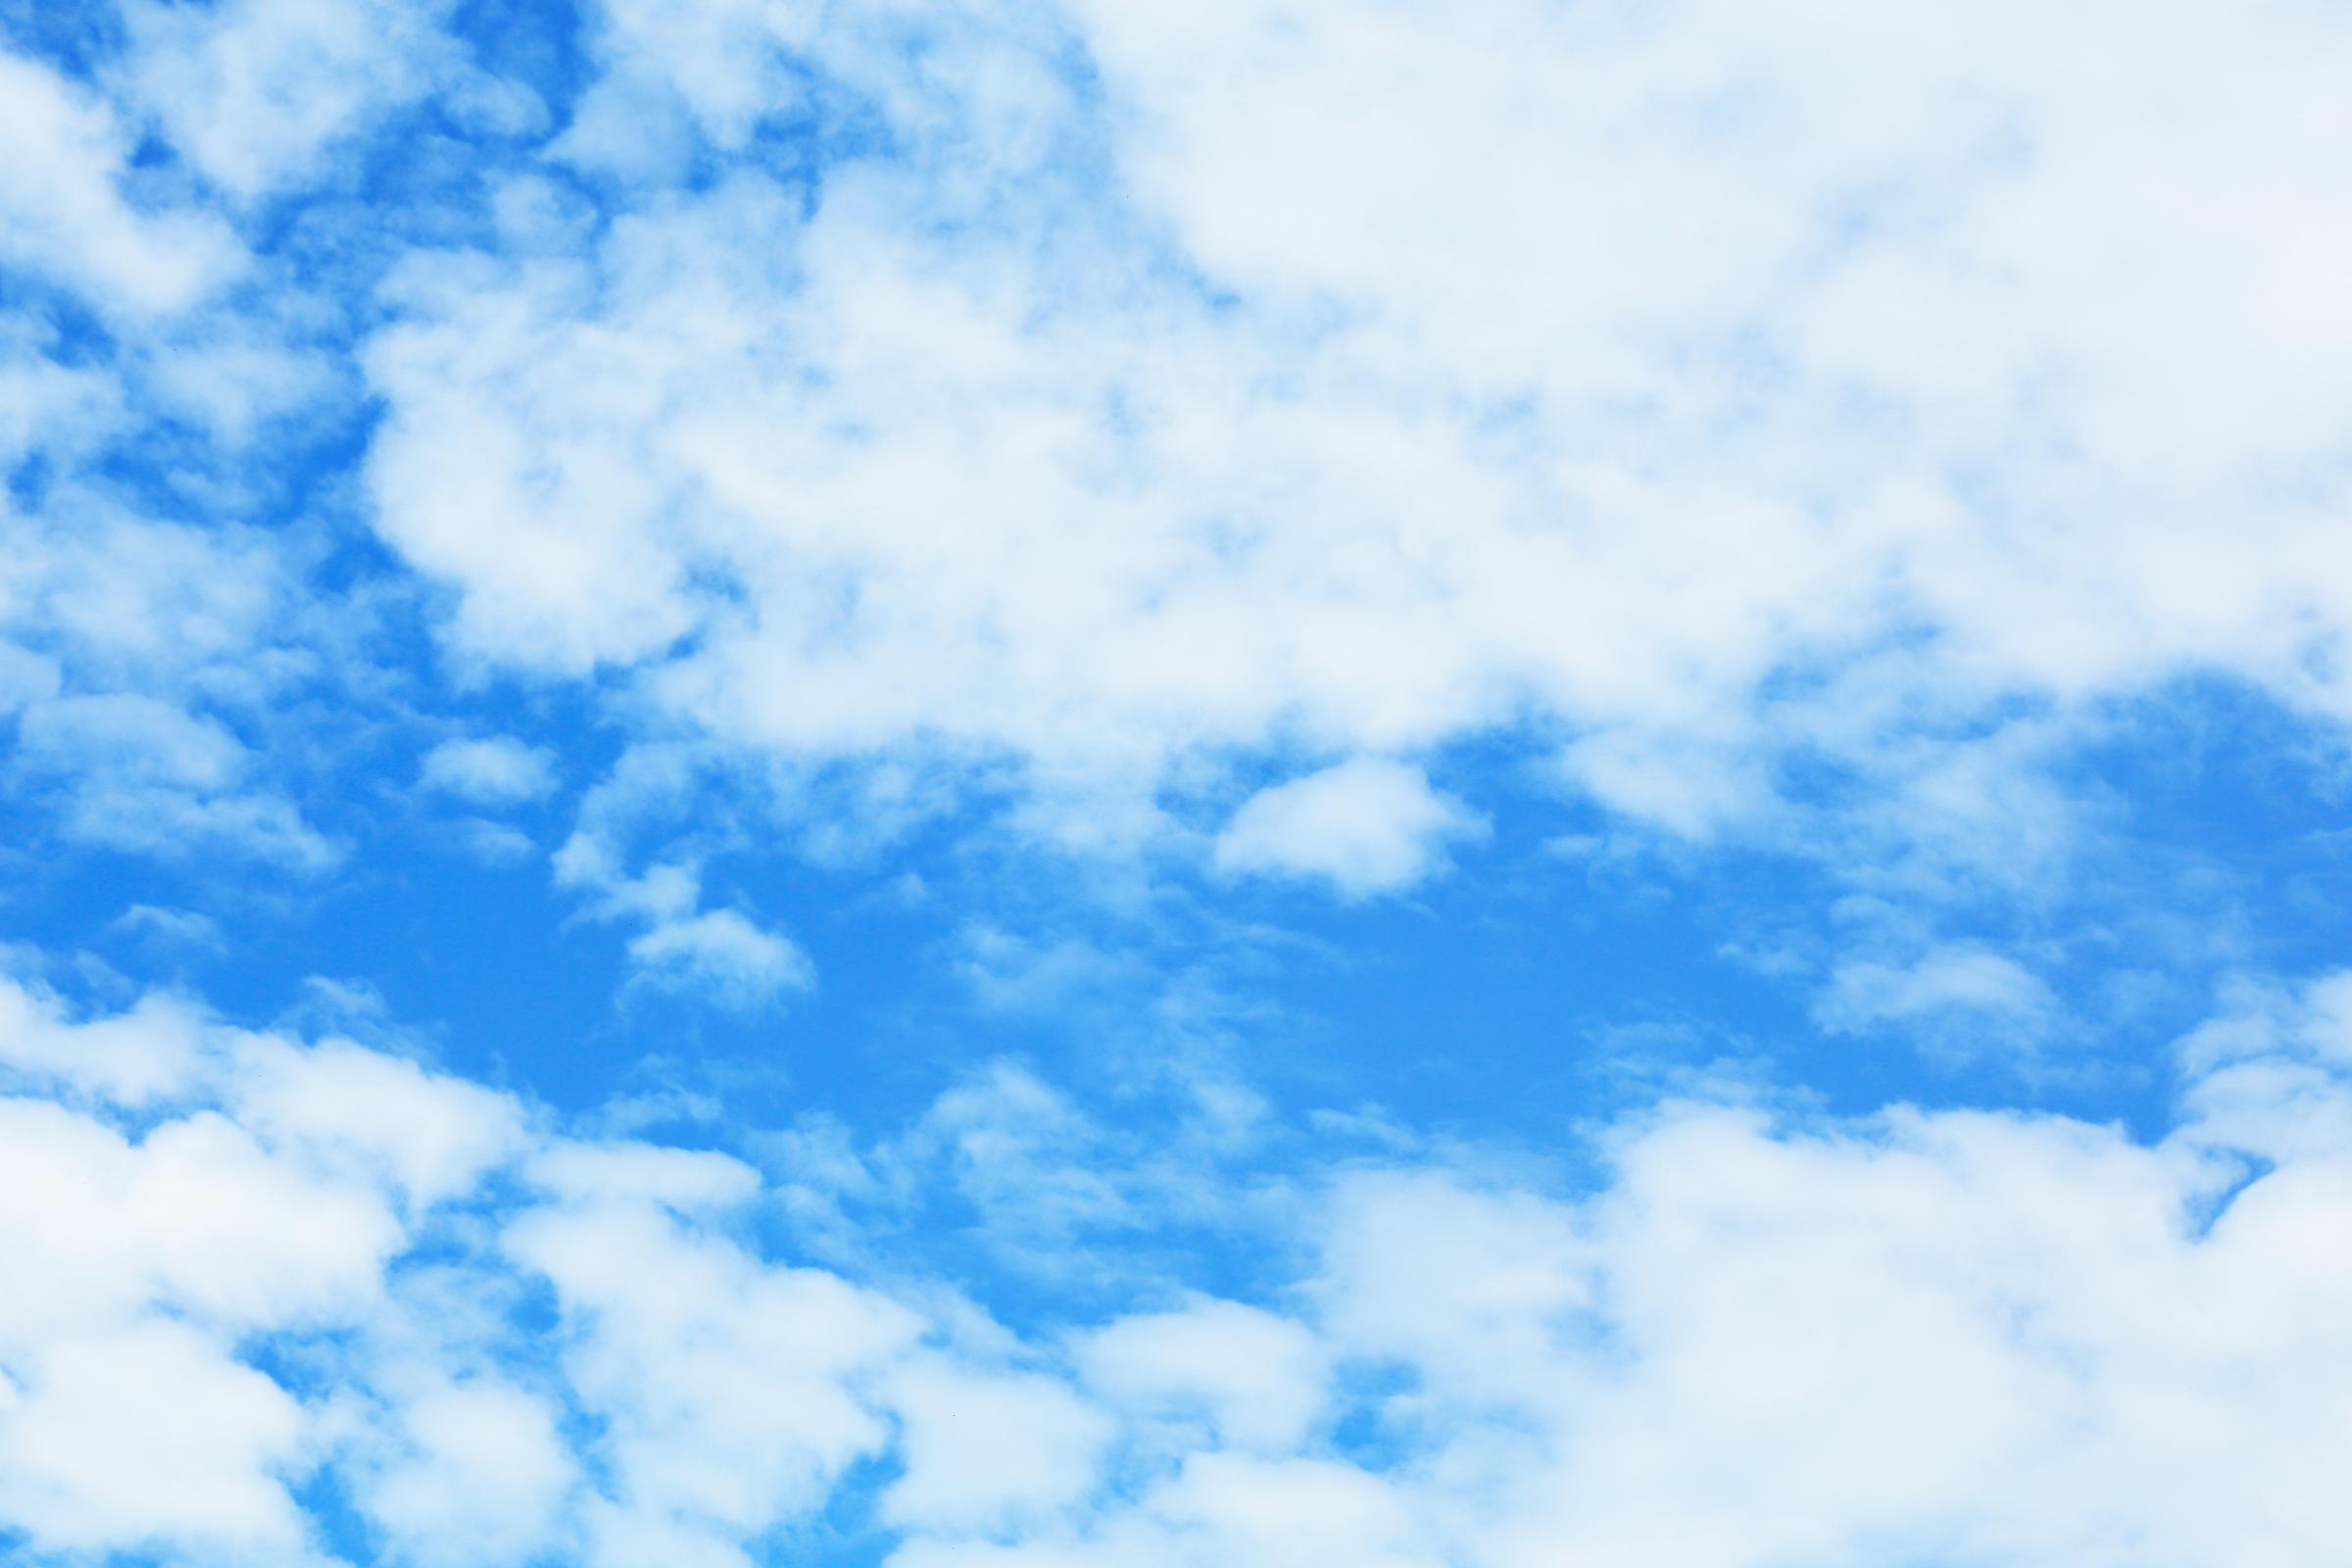 【月運】12星座別★2018年3月の運気★かに座★さそり座★うお座★3/1~3/31【水のエレメント】【カルロッタの解決タロット占い】